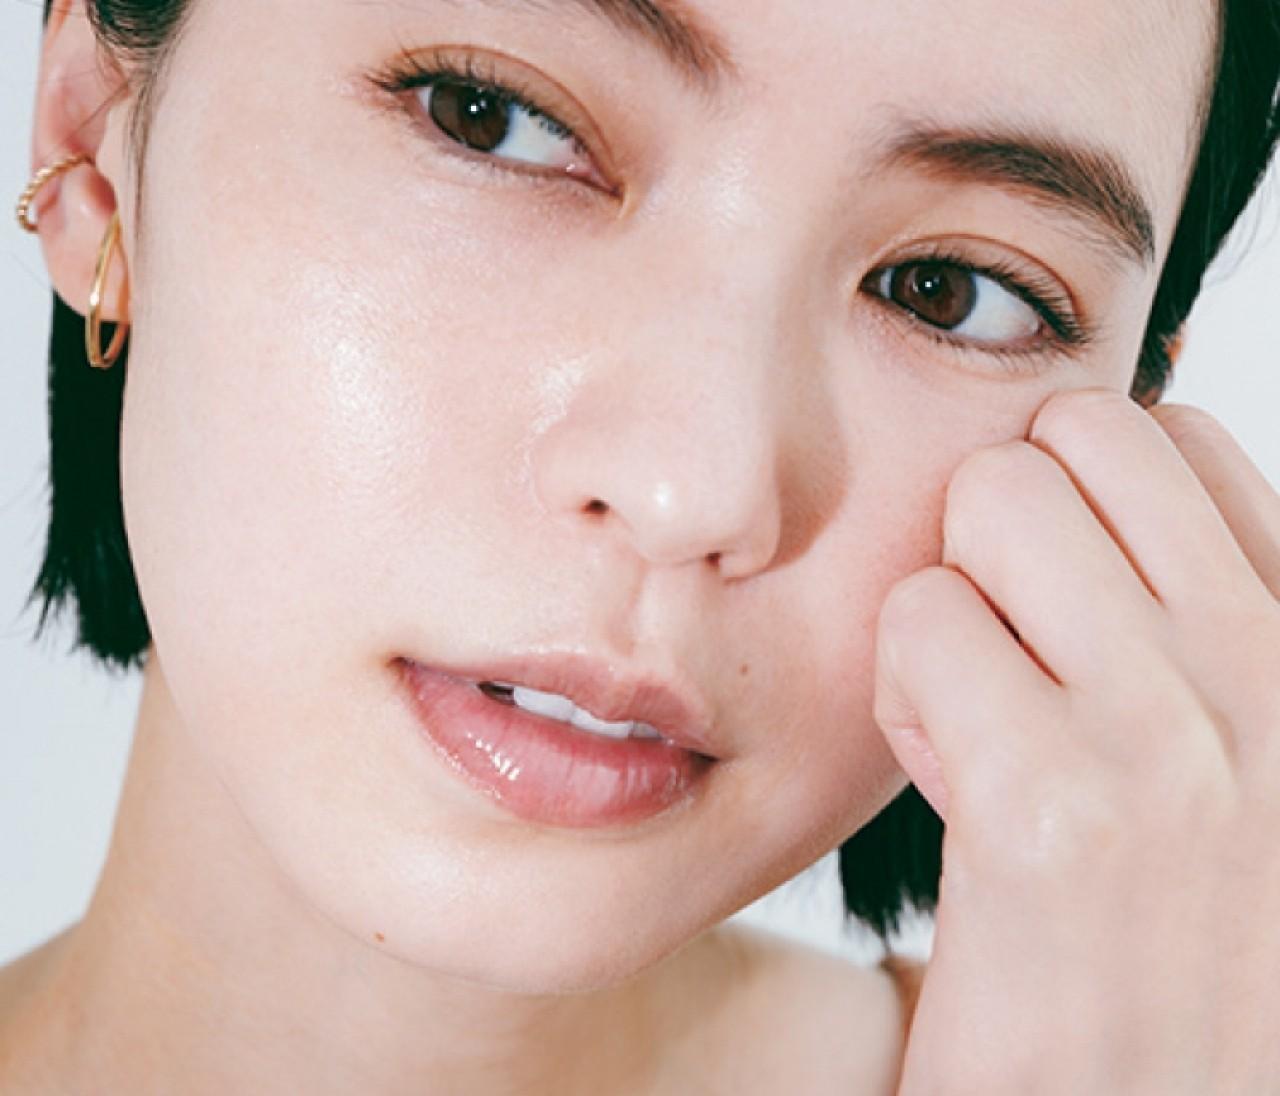 【ツヤ肌育成】おすすめ化粧水&ブースター美容液4選 化粧水は美容家直伝の「601円」づけを!